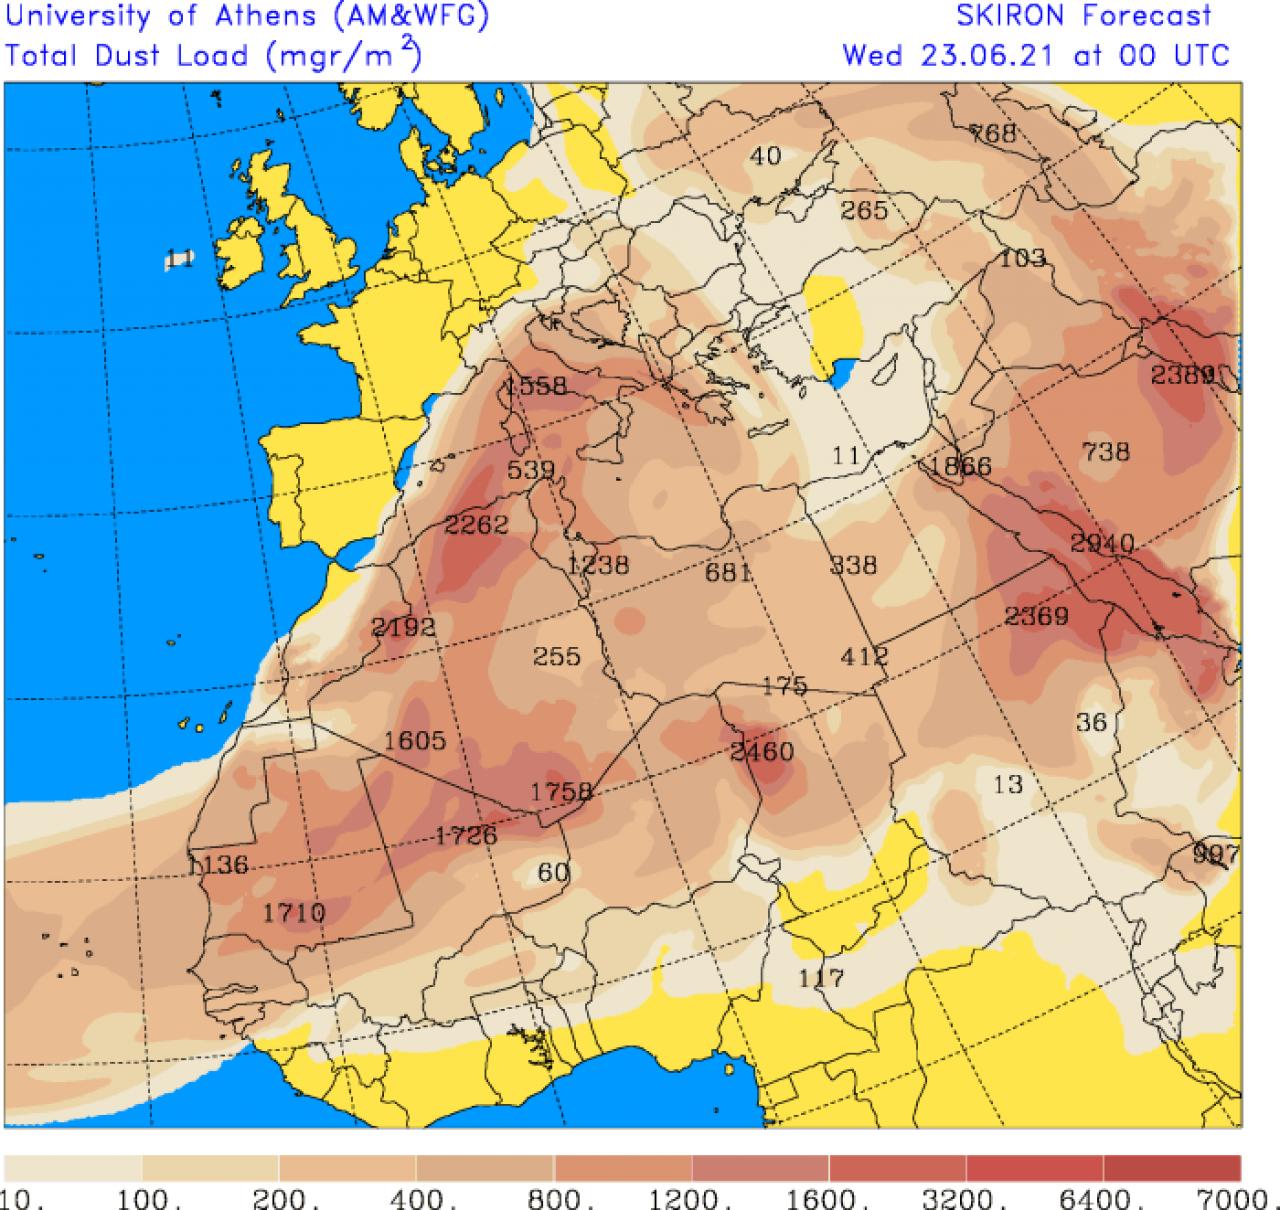 L'afflusso di polvere desertica previsto per mercoledì